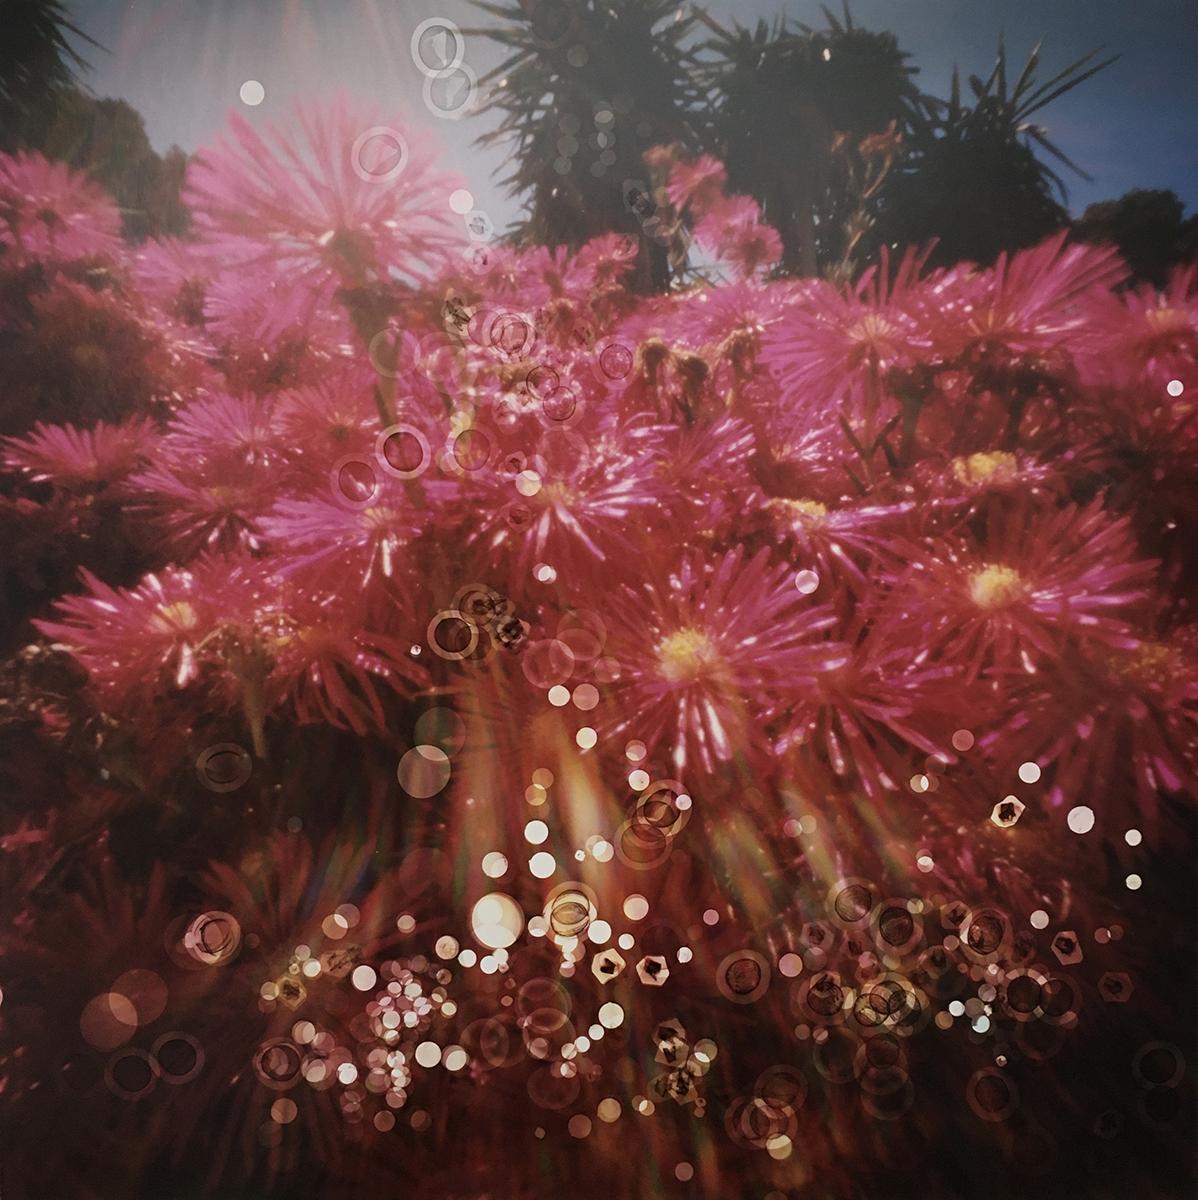 Jardi Botanic de Cap Roig, Spain (cactus flowers 1) (2019)